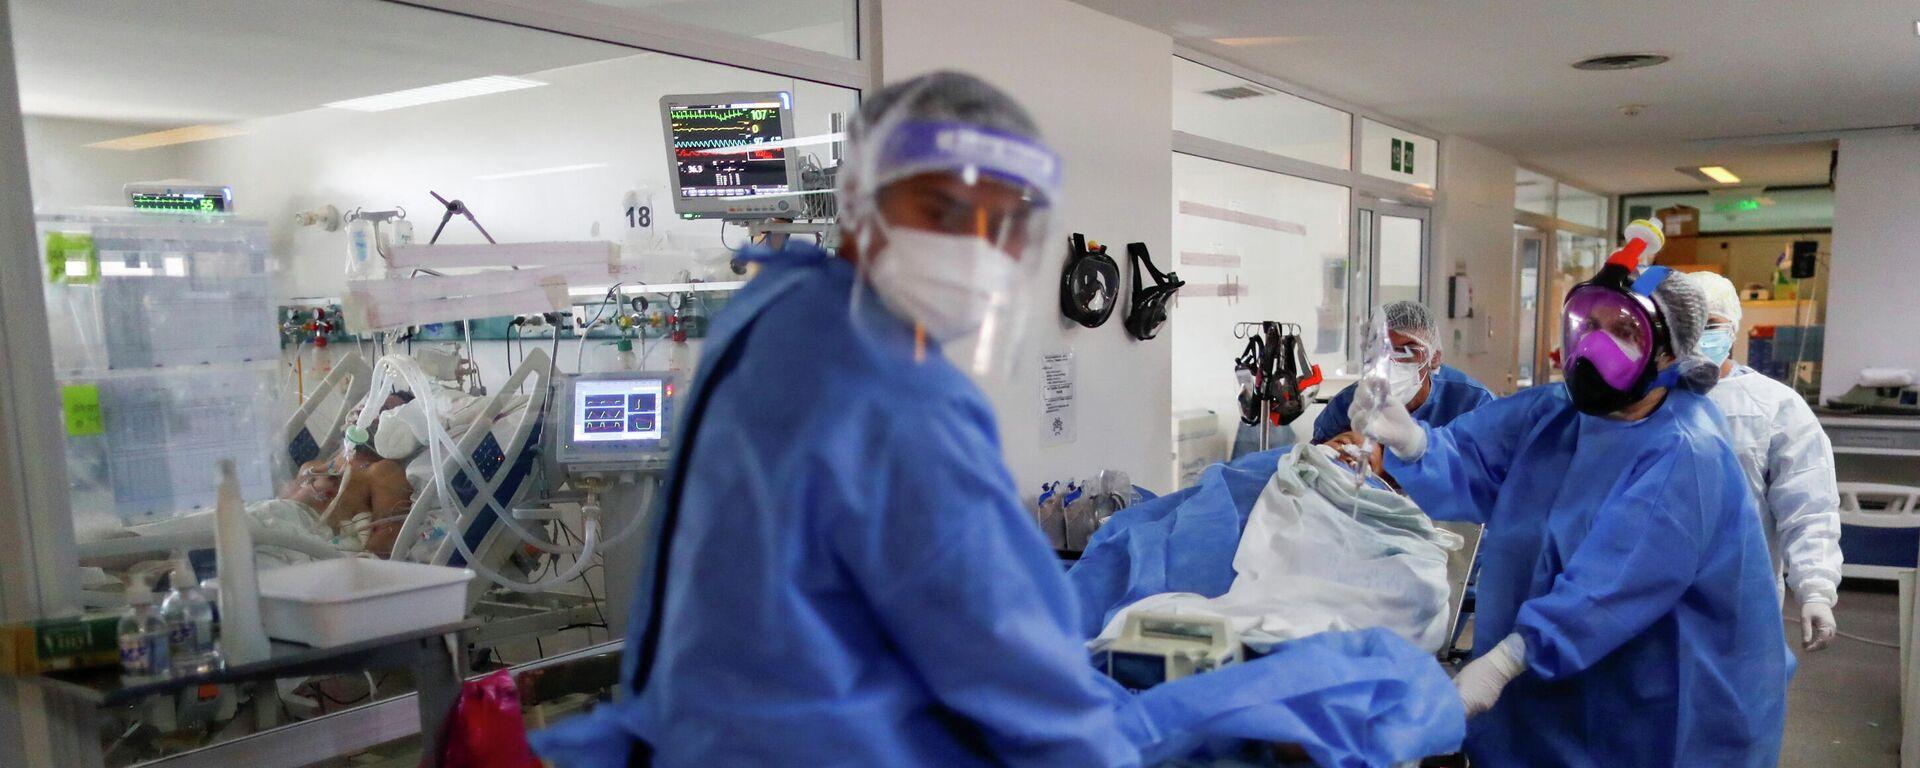 Personal sanitario traslada a un paciente de COVID-19 en un hospital de Buenos Aires - Sputnik Mundo, 1920, 20.04.2021